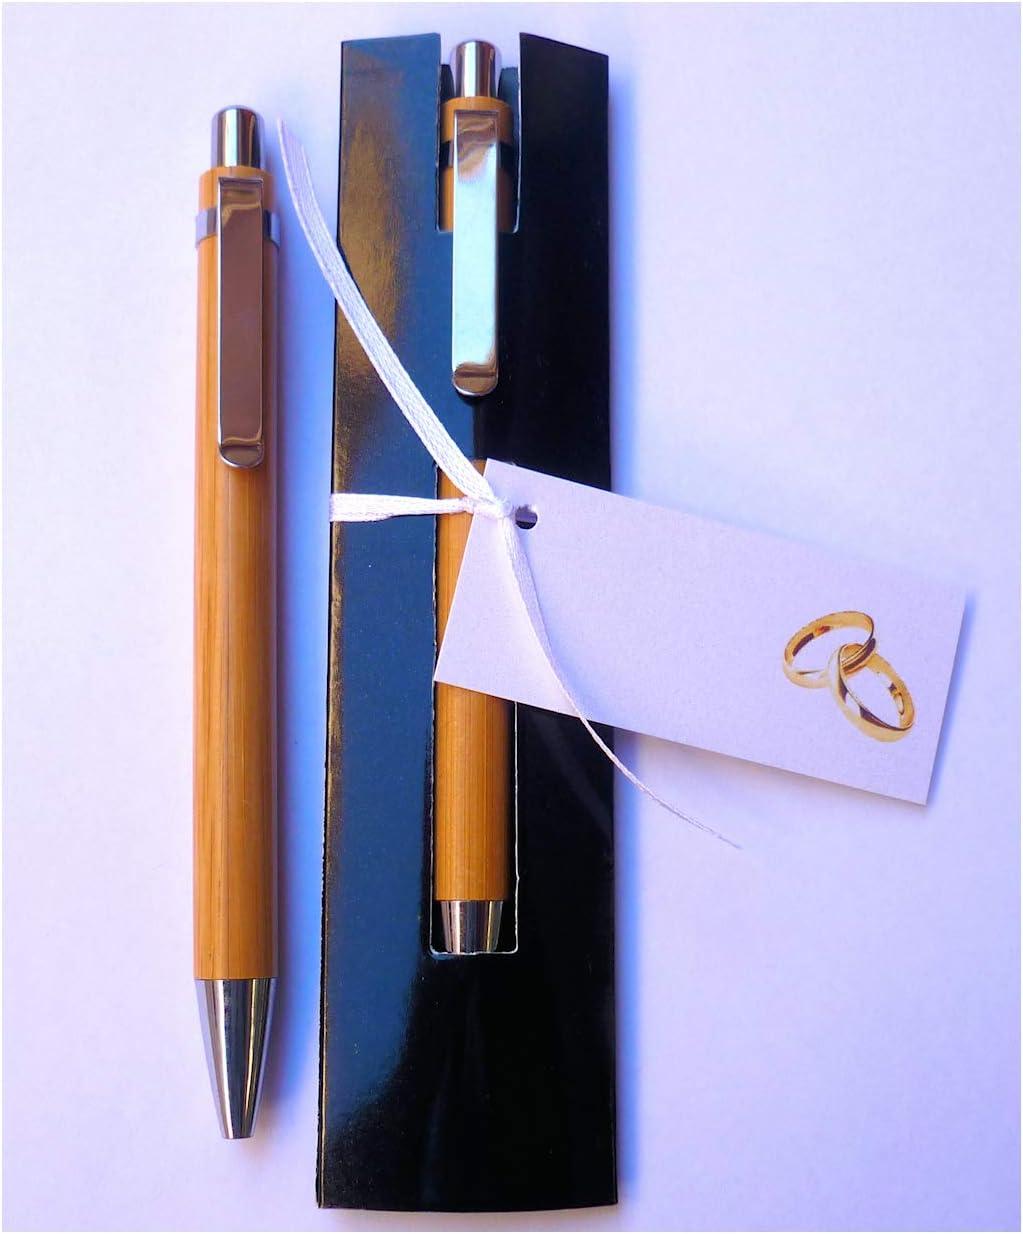 Bolígrafos para Regalar como Detalles y Recuerdos de Boda - Madera de Bambú con Funda - Y lo Más Alucinante: ¡¡Escriben Super Bien!! - (20 unidades)